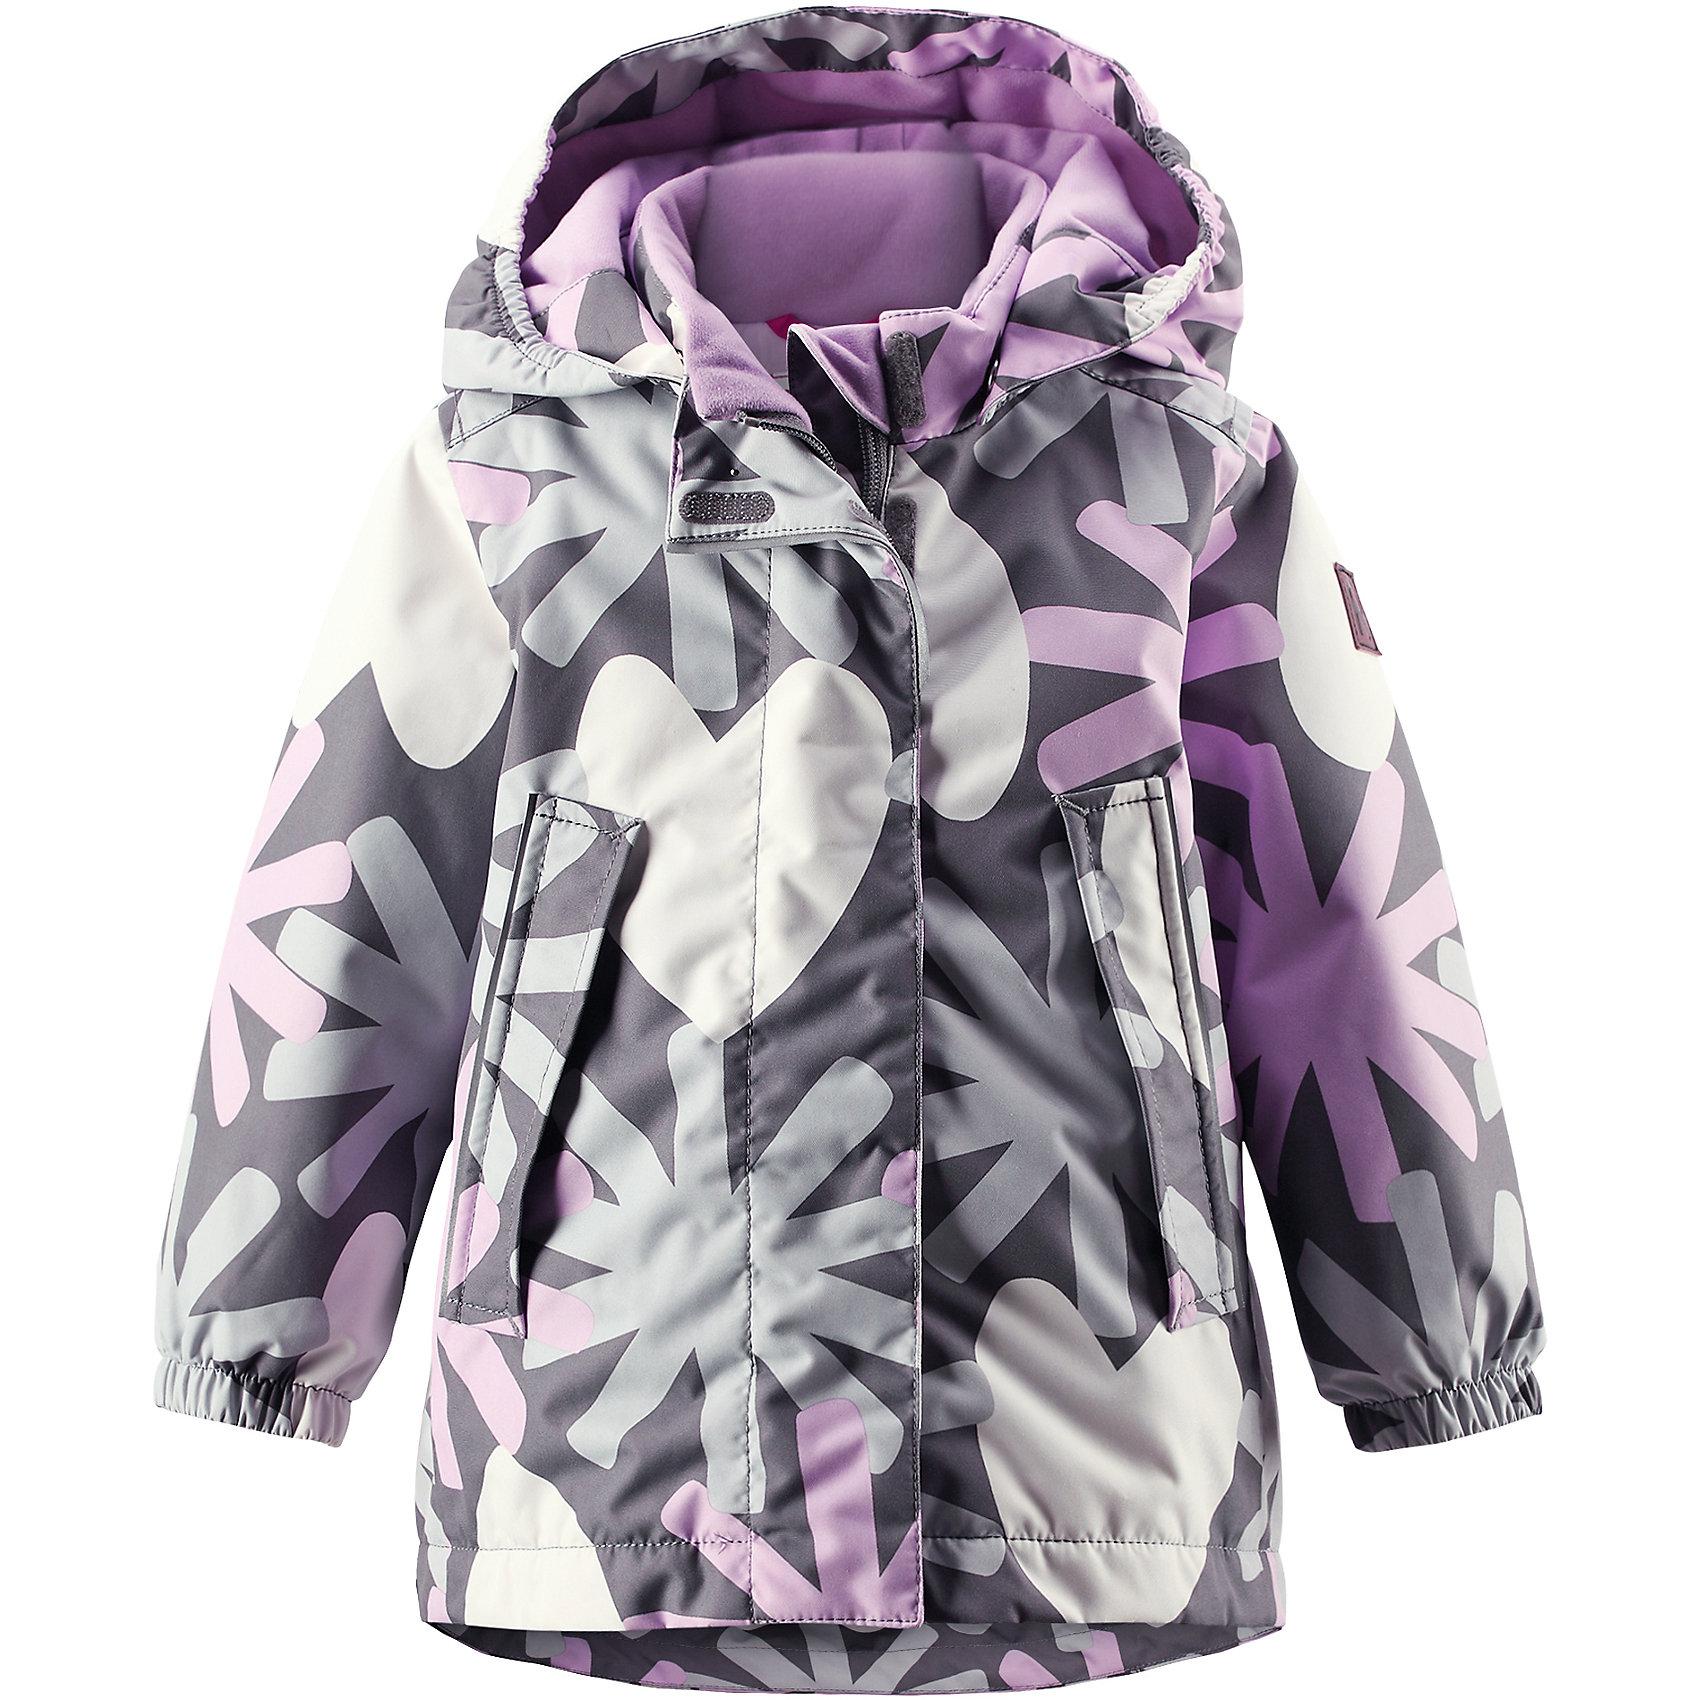 Куртка Misteli для девочки ReimaХарактеристики товара:<br><br>• цвет: серый<br>• состав: 100% полиэстер, полиуретановое покрытие<br>• температурный режим: 0° до -20° градусов<br>• утеплитель: Reima Comfort + 160 г<br>• водонепроницаемая мембрана: 8000 мм<br>• основные швы проклеены<br>• съёмный капюшон<br>• молния<br>• светоотражающие детали<br>• «дышащий» материал<br>• ветро- водо- и грязеотталкивающий материал<br>• кнопки Reima® Play Layers <br>• карманы<br>• комфортная посадка<br>• страна производства: Китай<br>• страна бренда: Финляндия<br><br>Верхняя одежда для детей может быть модной и комфортной одновременно! Эти зимняя куртка поможет обеспечить ребенку комфорт и тепло. Она отлично смотрится с различной одеждой и обувью. Изделие удобно сидит и модно выглядит. Стильный дизайн разрабатывался специально для детей. Отличный вариант для активного отдыха зимой!<br><br>Одежда и обувь от финского бренда Reima пользуется популярностью во многих странах. Эти изделия стильные, качественные и удобные. Для производства продукции используются только безопасные, проверенные материалы и фурнитура. Порадуйте ребенка модными и красивыми вещами от Reima! <br><br>Куртку Misteli для девочки от финского бренда Reimatec® Reima (Рейма) можно купить в нашем интернет-магазине.<br><br>Ширина мм: 356<br>Глубина мм: 10<br>Высота мм: 245<br>Вес г: 519<br>Цвет: серый<br>Возраст от месяцев: 12<br>Возраст до месяцев: 15<br>Пол: Унисекс<br>Возраст: Детский<br>Размер: 80<br>SKU: 5415428